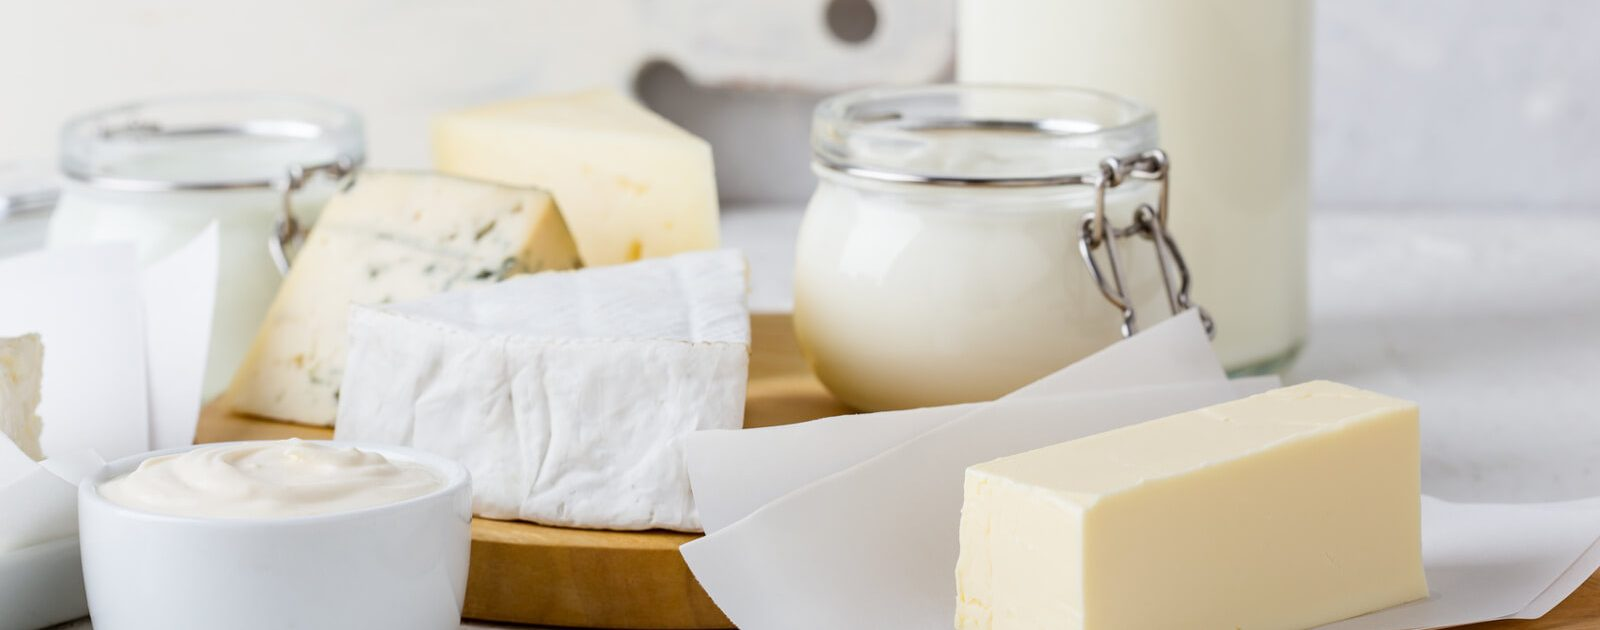 Eine Sammlung an Käse- und Milchprodukten – bei vielen Menschen verursachen diese aufgrund einer Laktoseintoleranz Verdauungsbeschwerden.